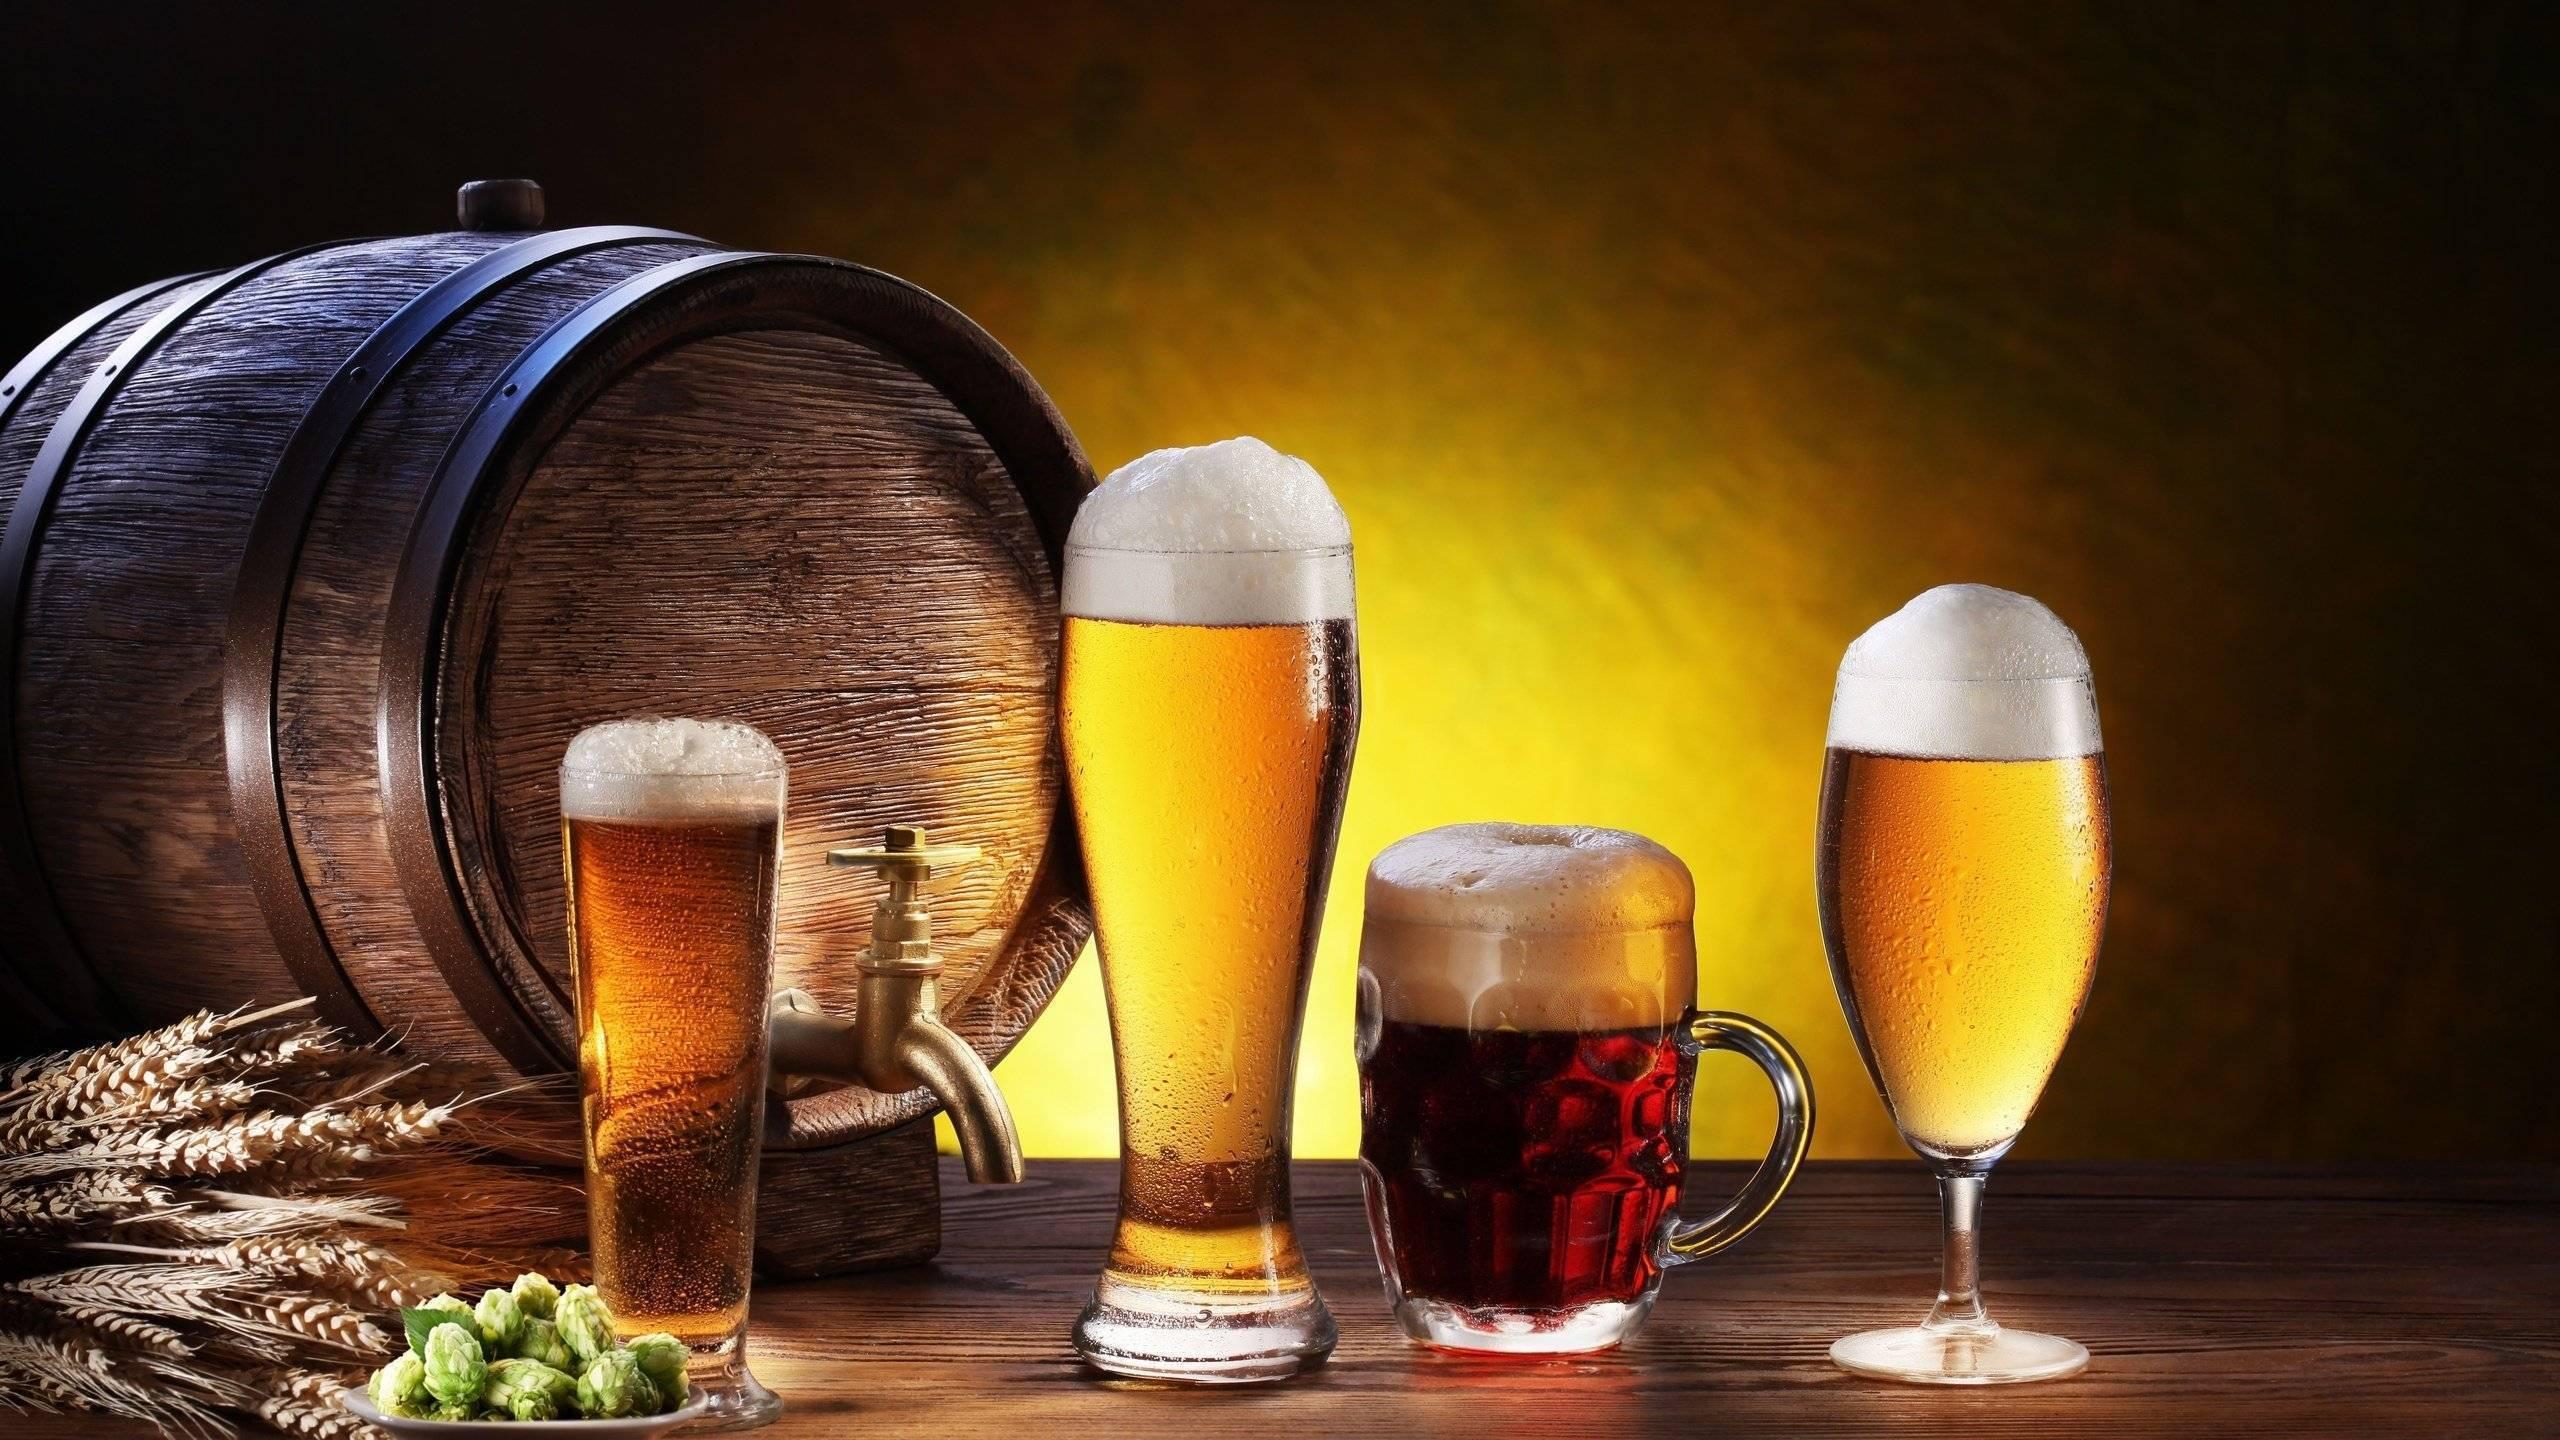 Бизнес план магазина разливного пива с финансовыми расчётами